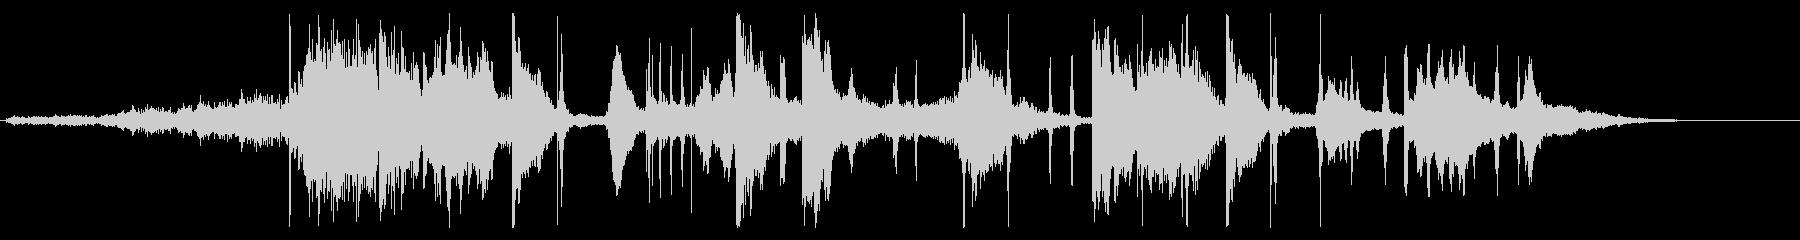 温かみのあるスタイリッシュなデジタルロゴの未再生の波形